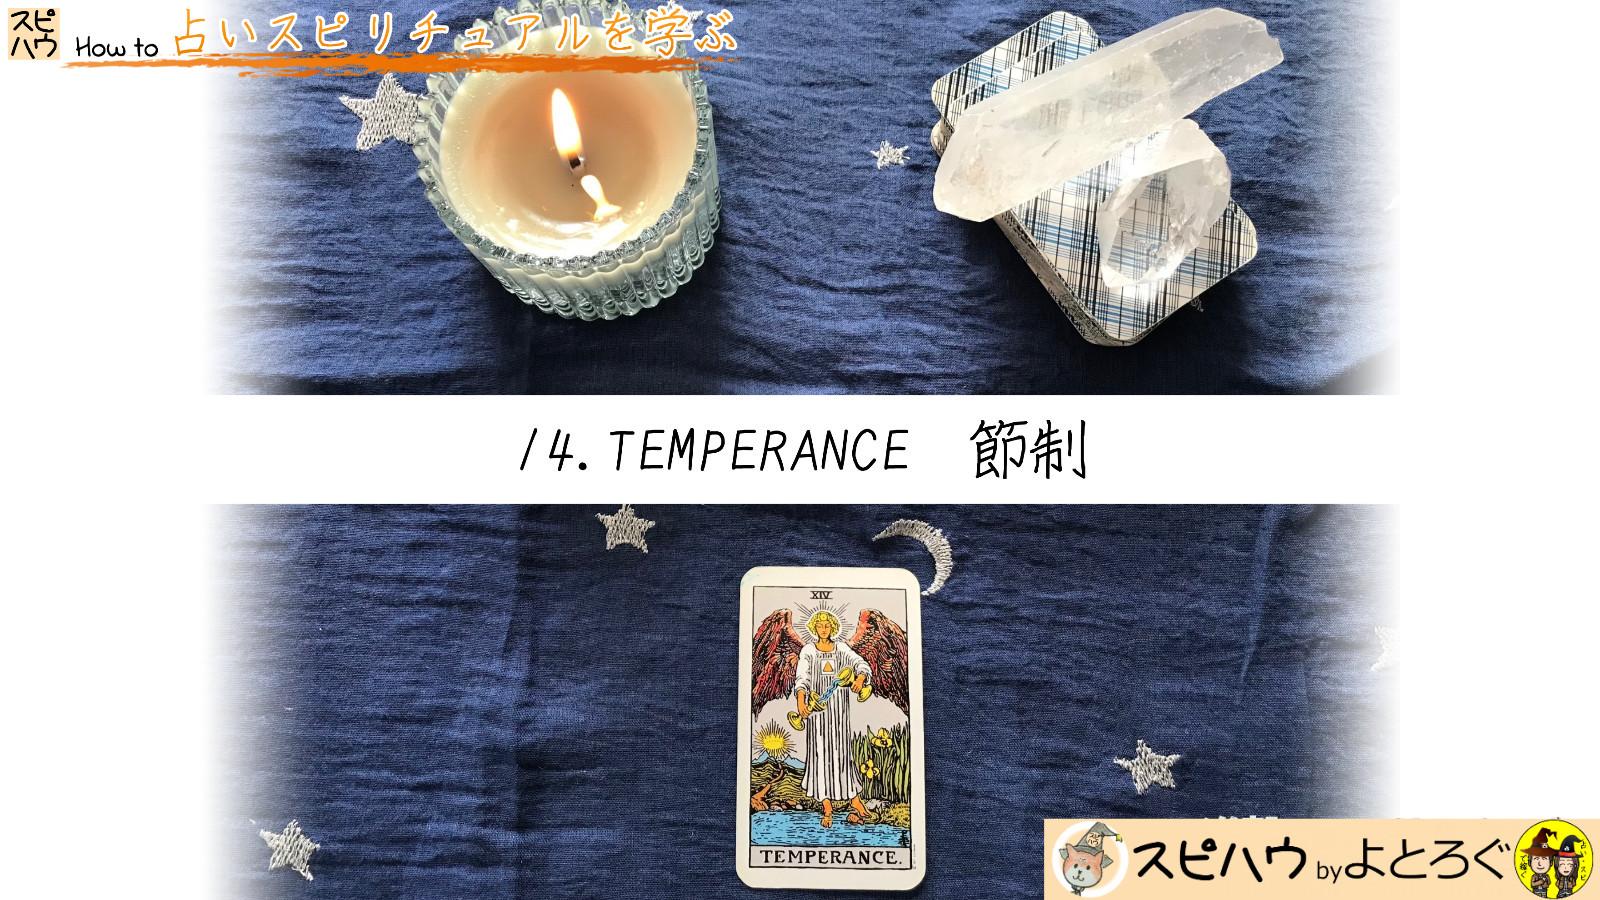 焦らずゆっくり。本当の気持ちに気づくまで 14.節制 TEMPERANCEのカード画像